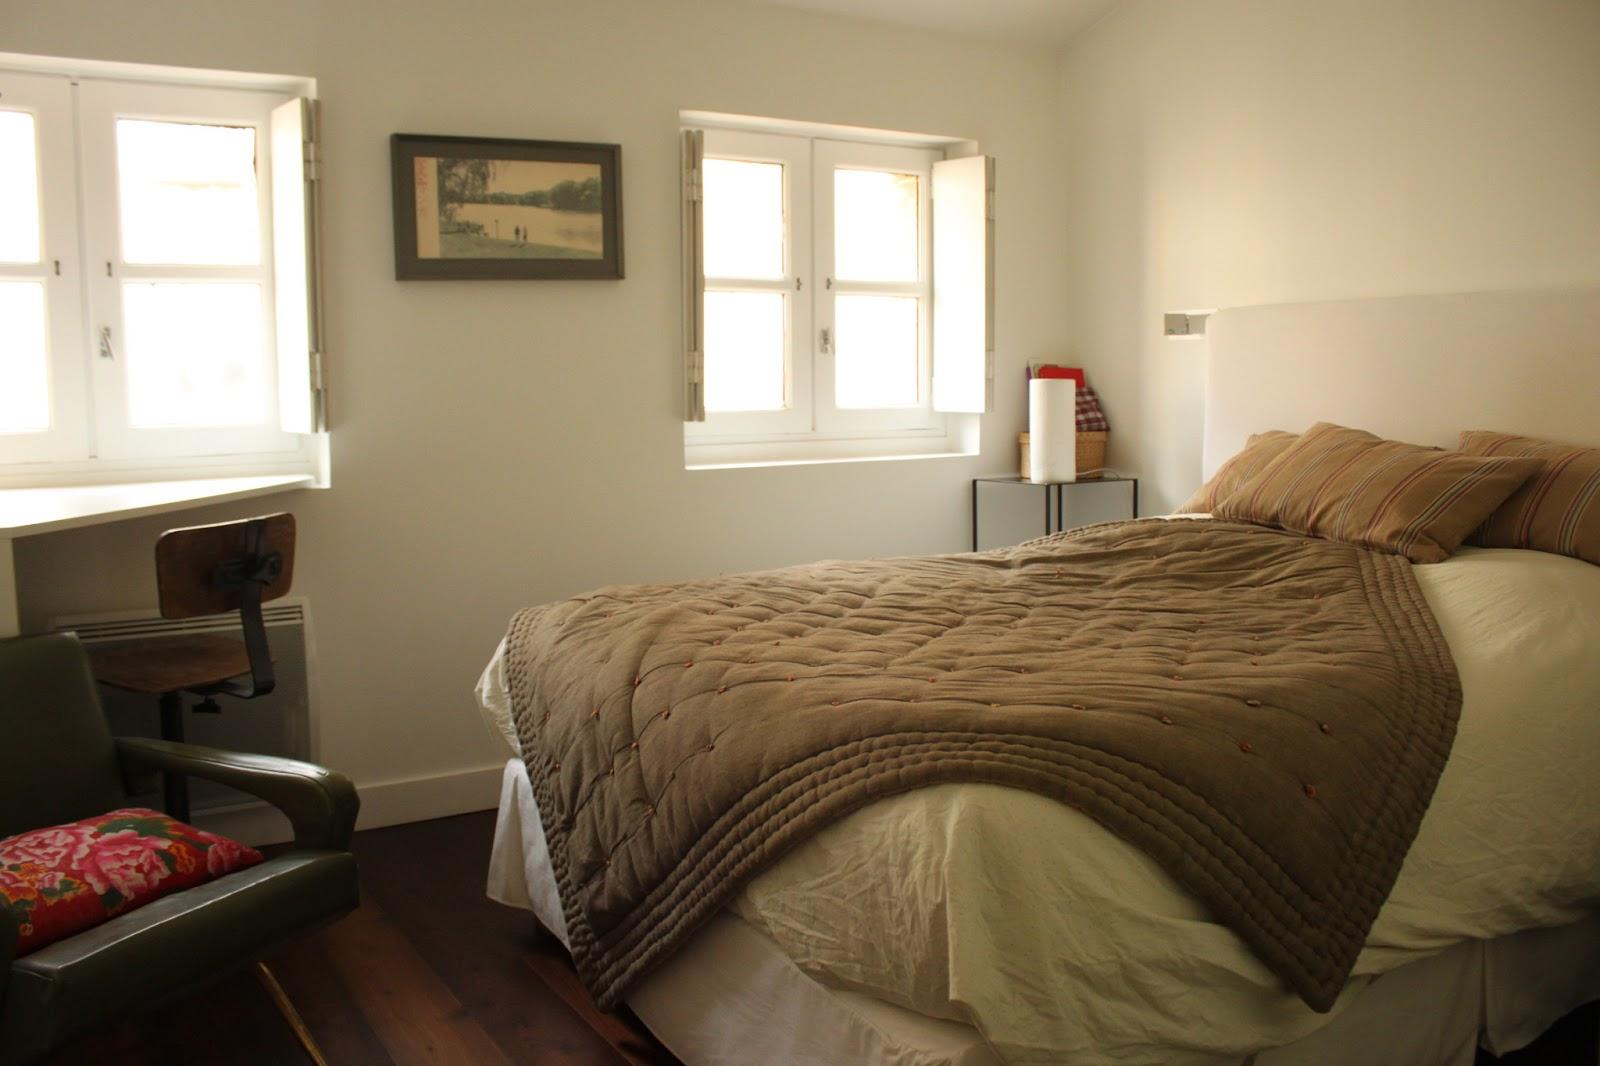 comment installer parquet quick step prix du batiment gratuit mulhouse entreprise ixdrcr. Black Bedroom Furniture Sets. Home Design Ideas